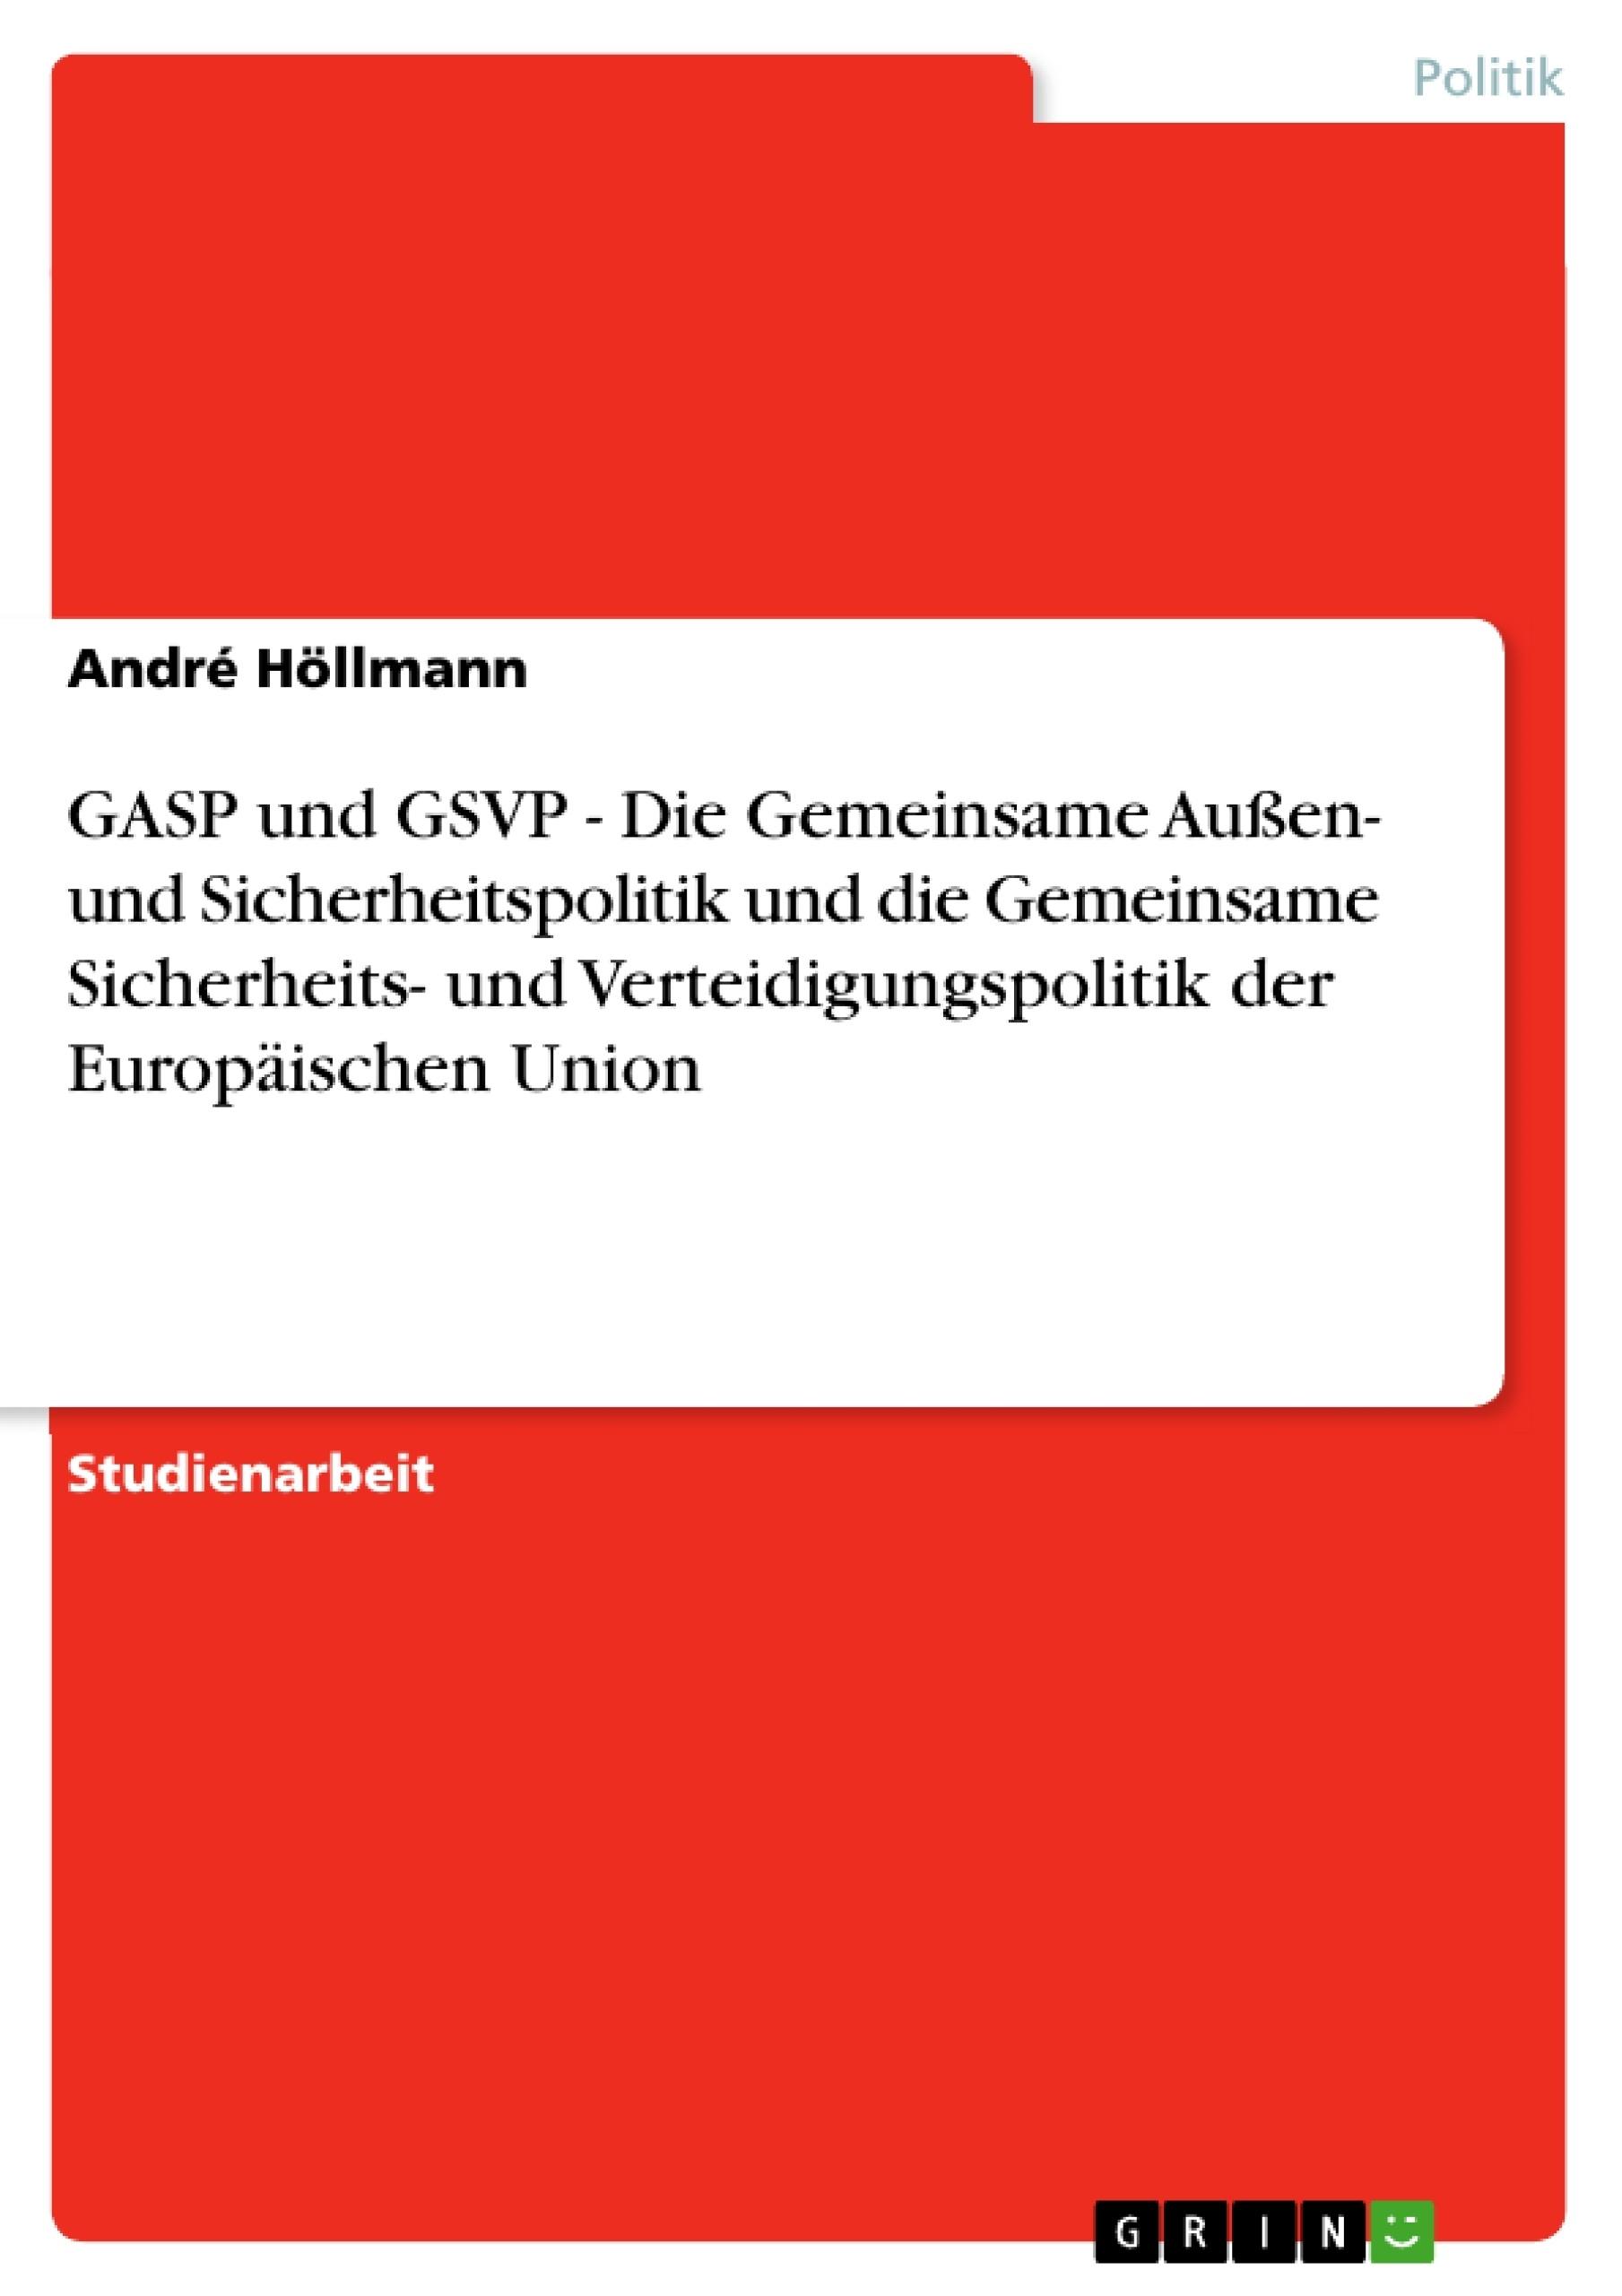 Titel: GASP und GSVP - Die Gemeinsame Außen- und Sicherheitspolitik und die Gemeinsame Sicherheits- und Verteidigungspolitik der Europäischen Union